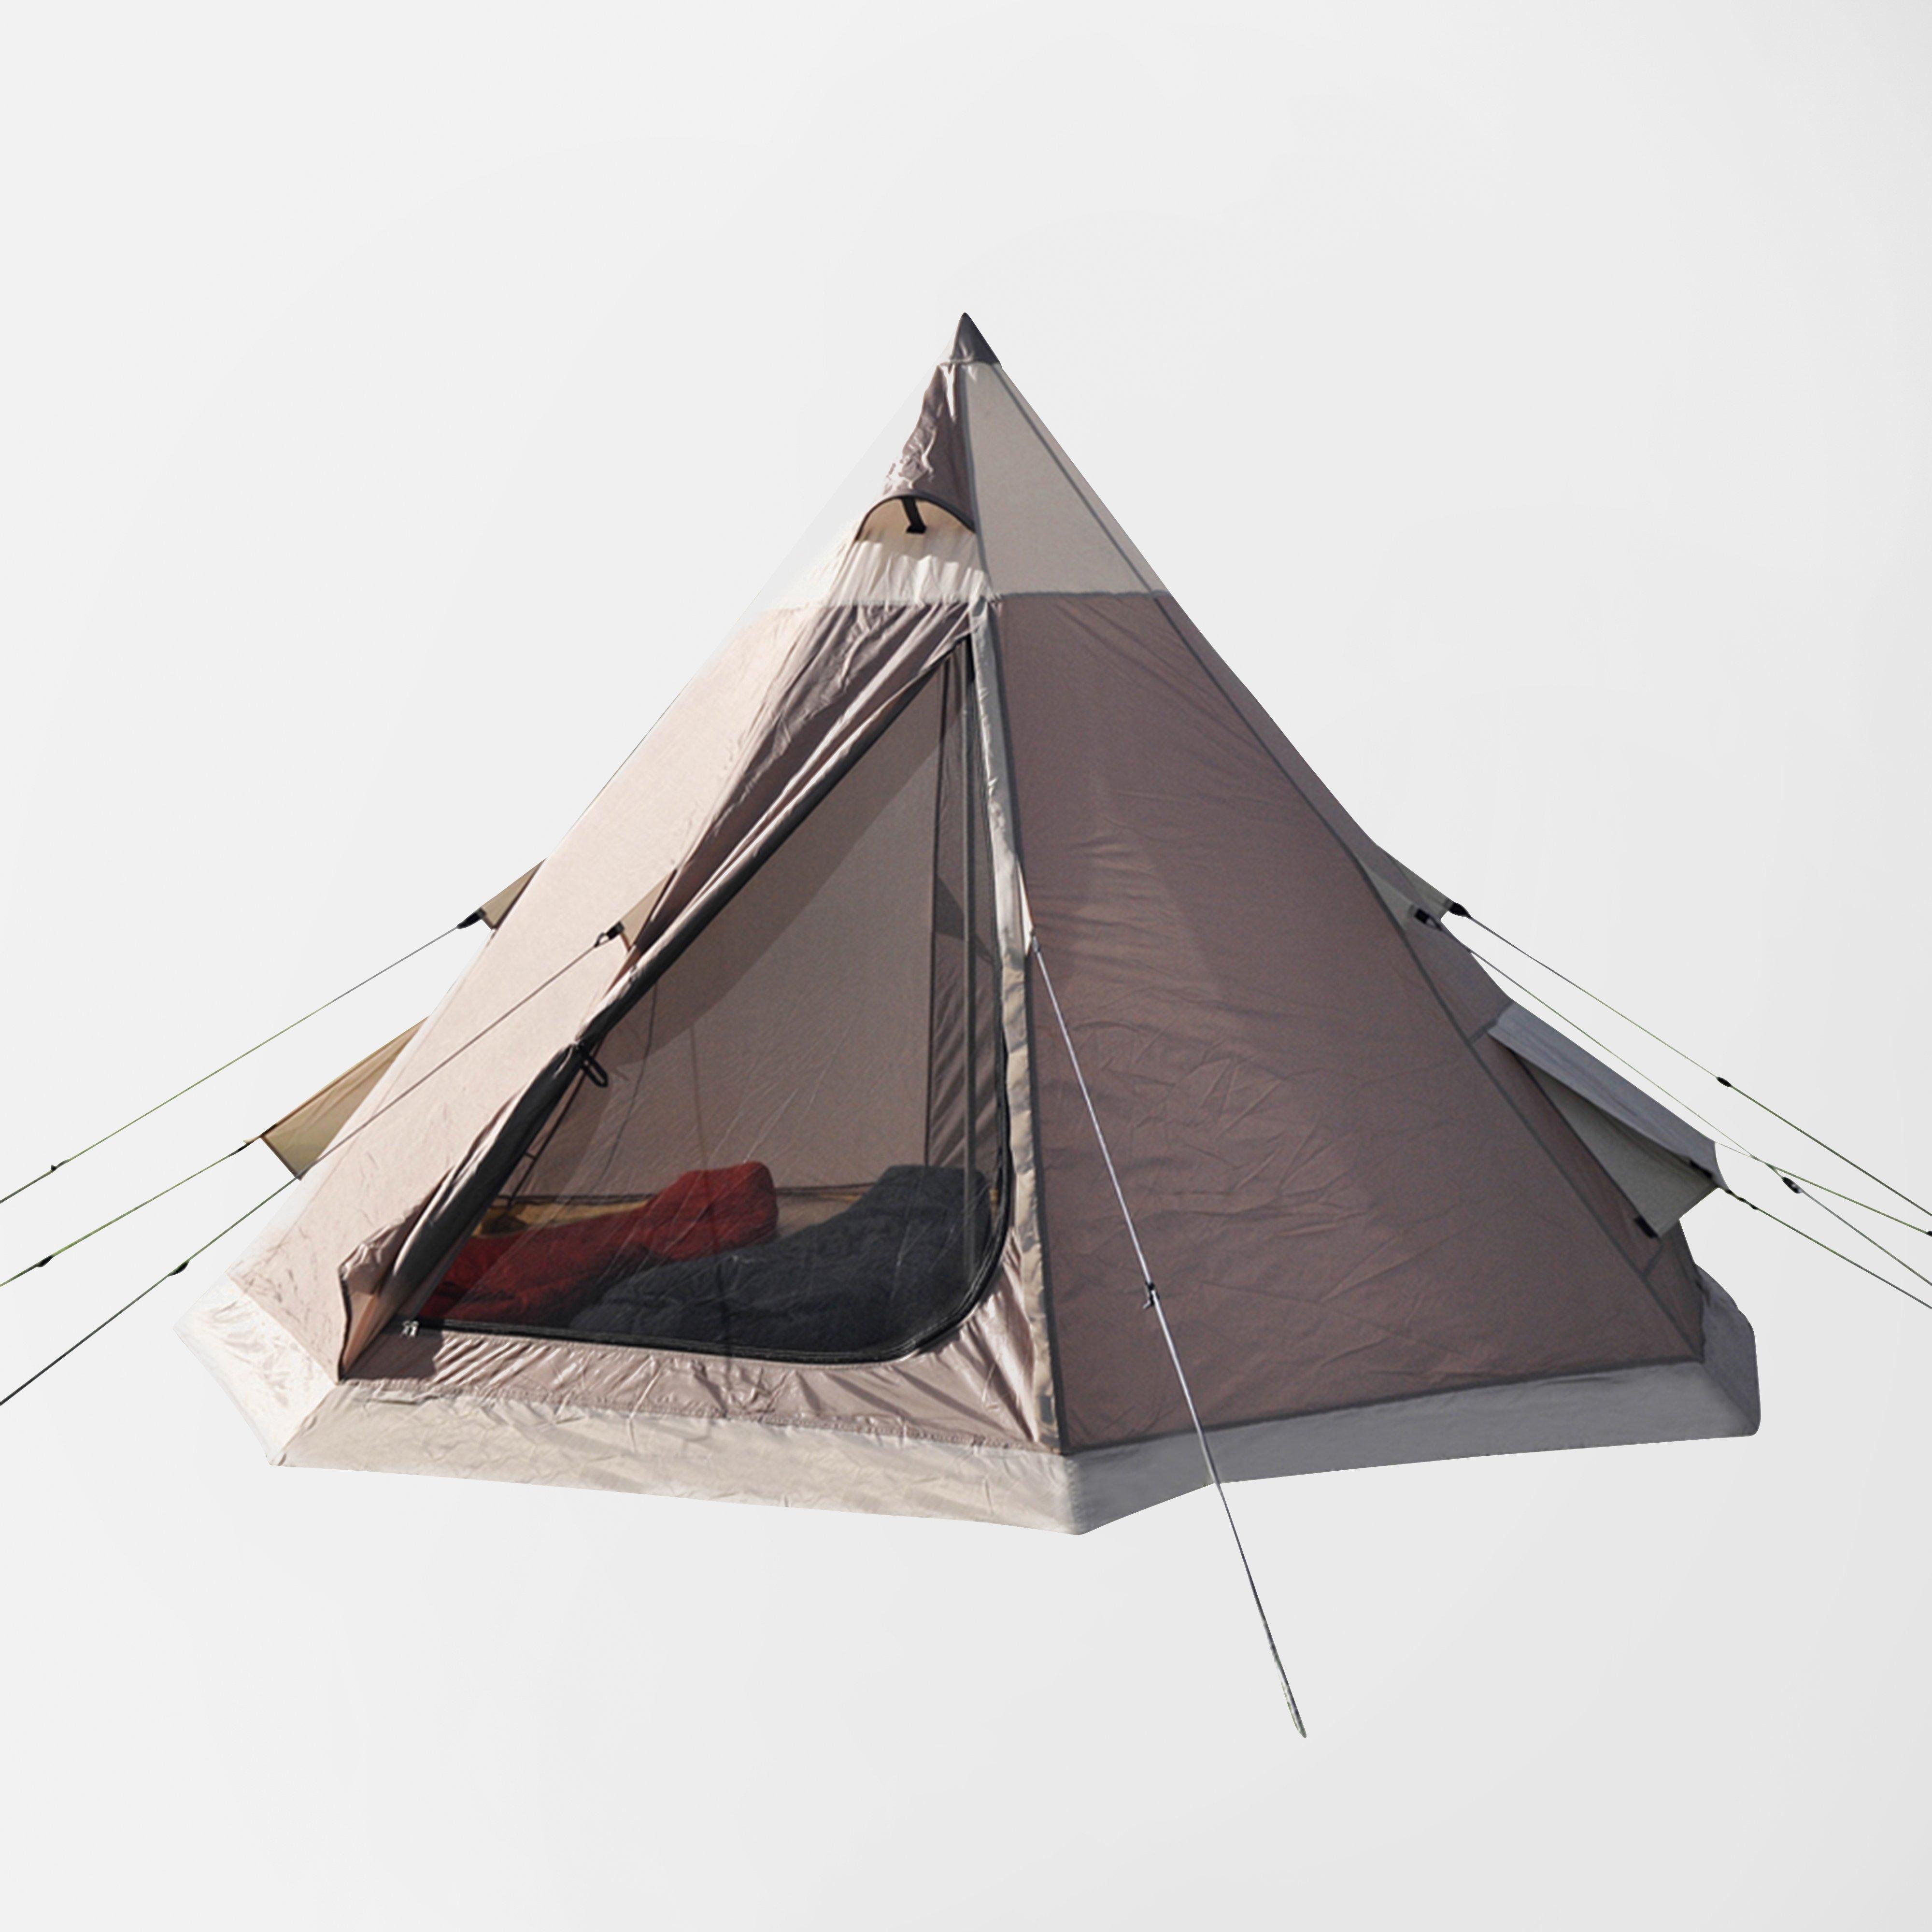 Eurohike Eurohike Tepee Tent - Brown, Brown